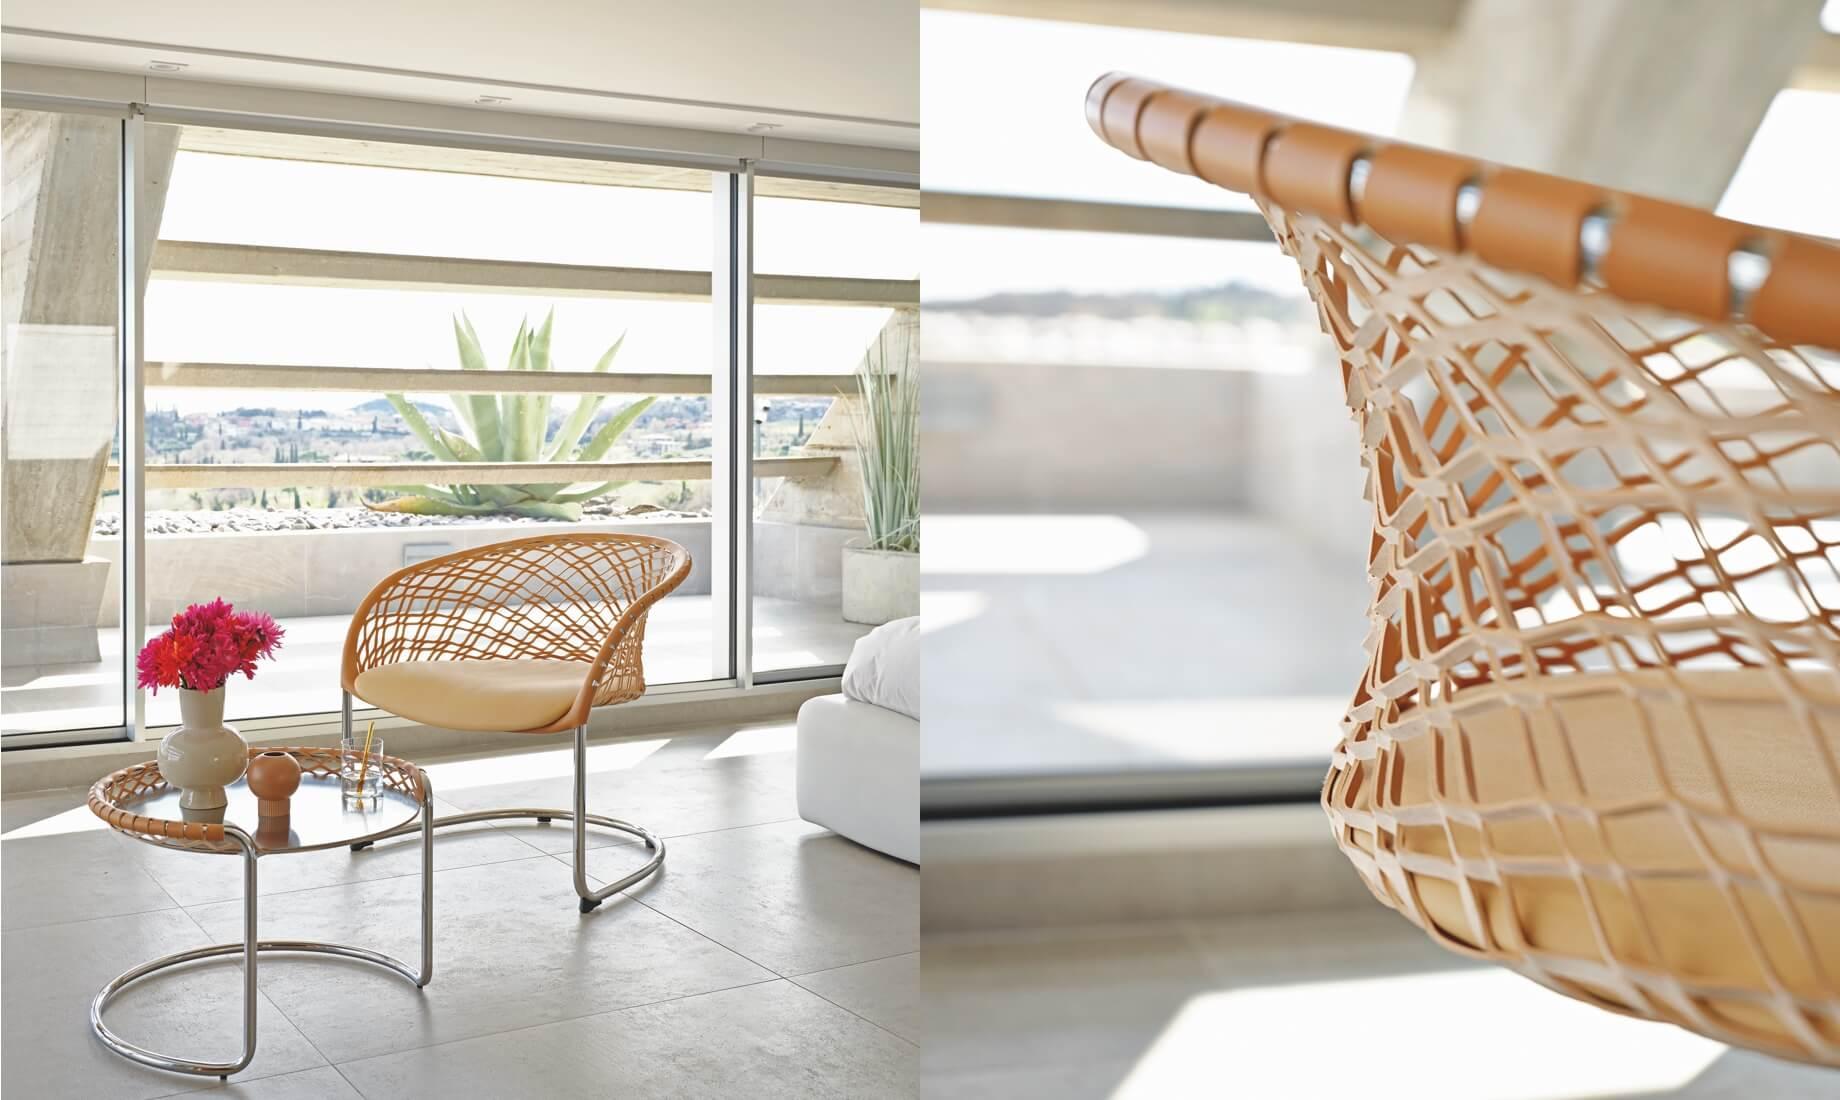 Seduta lounge e coffee table P47, design Franco Poli.